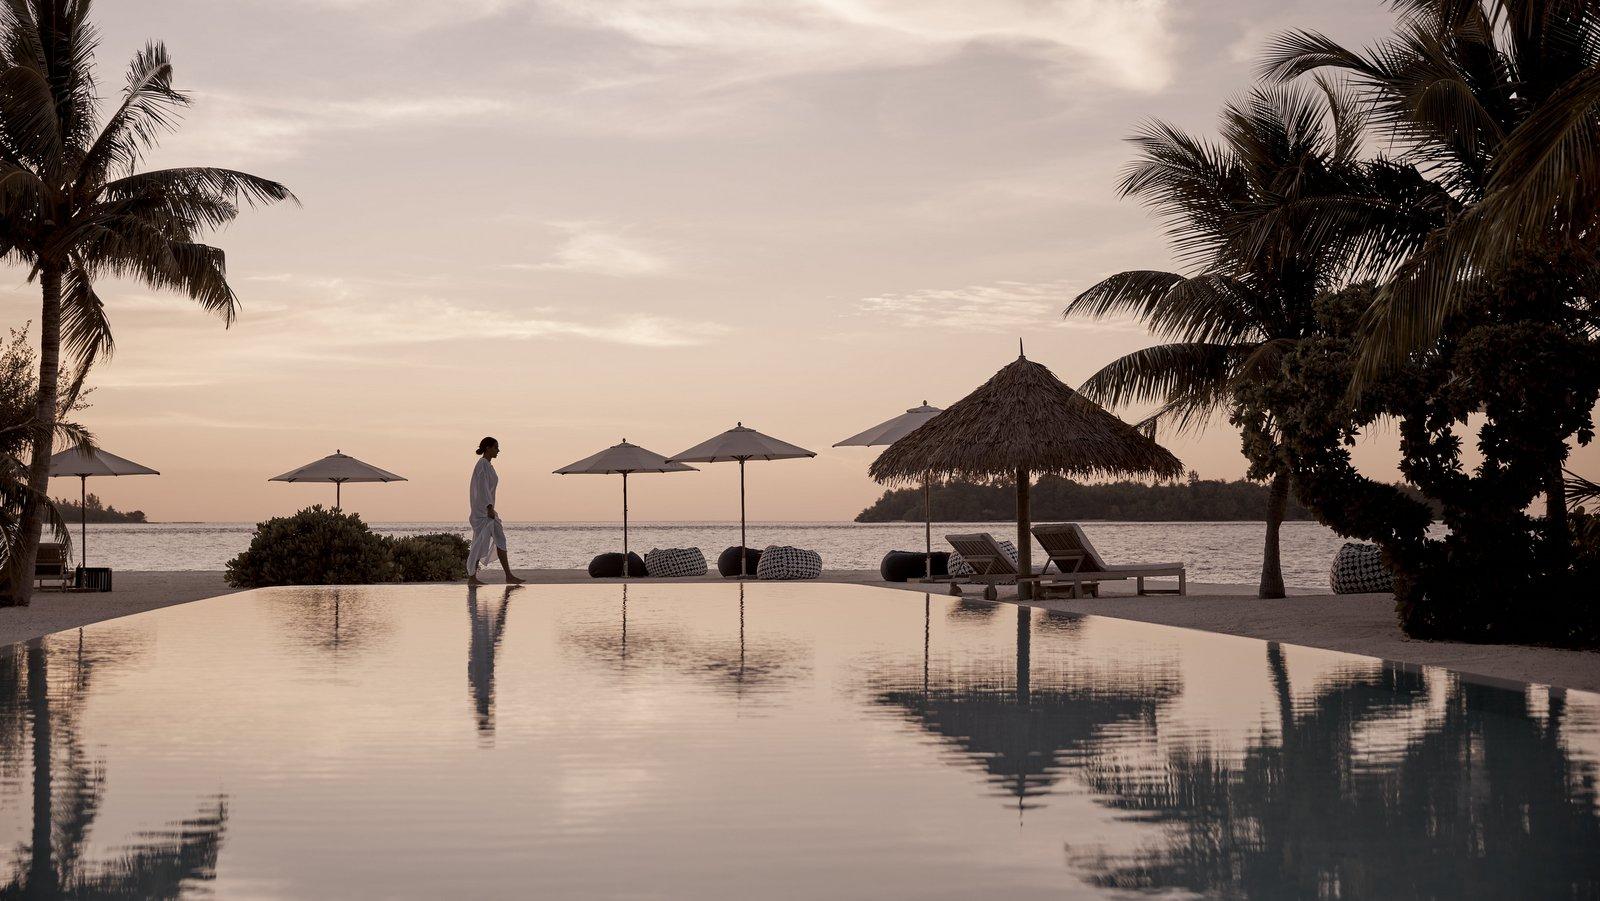 Мальдивы, отель COMO Cocoa Island, бассейн